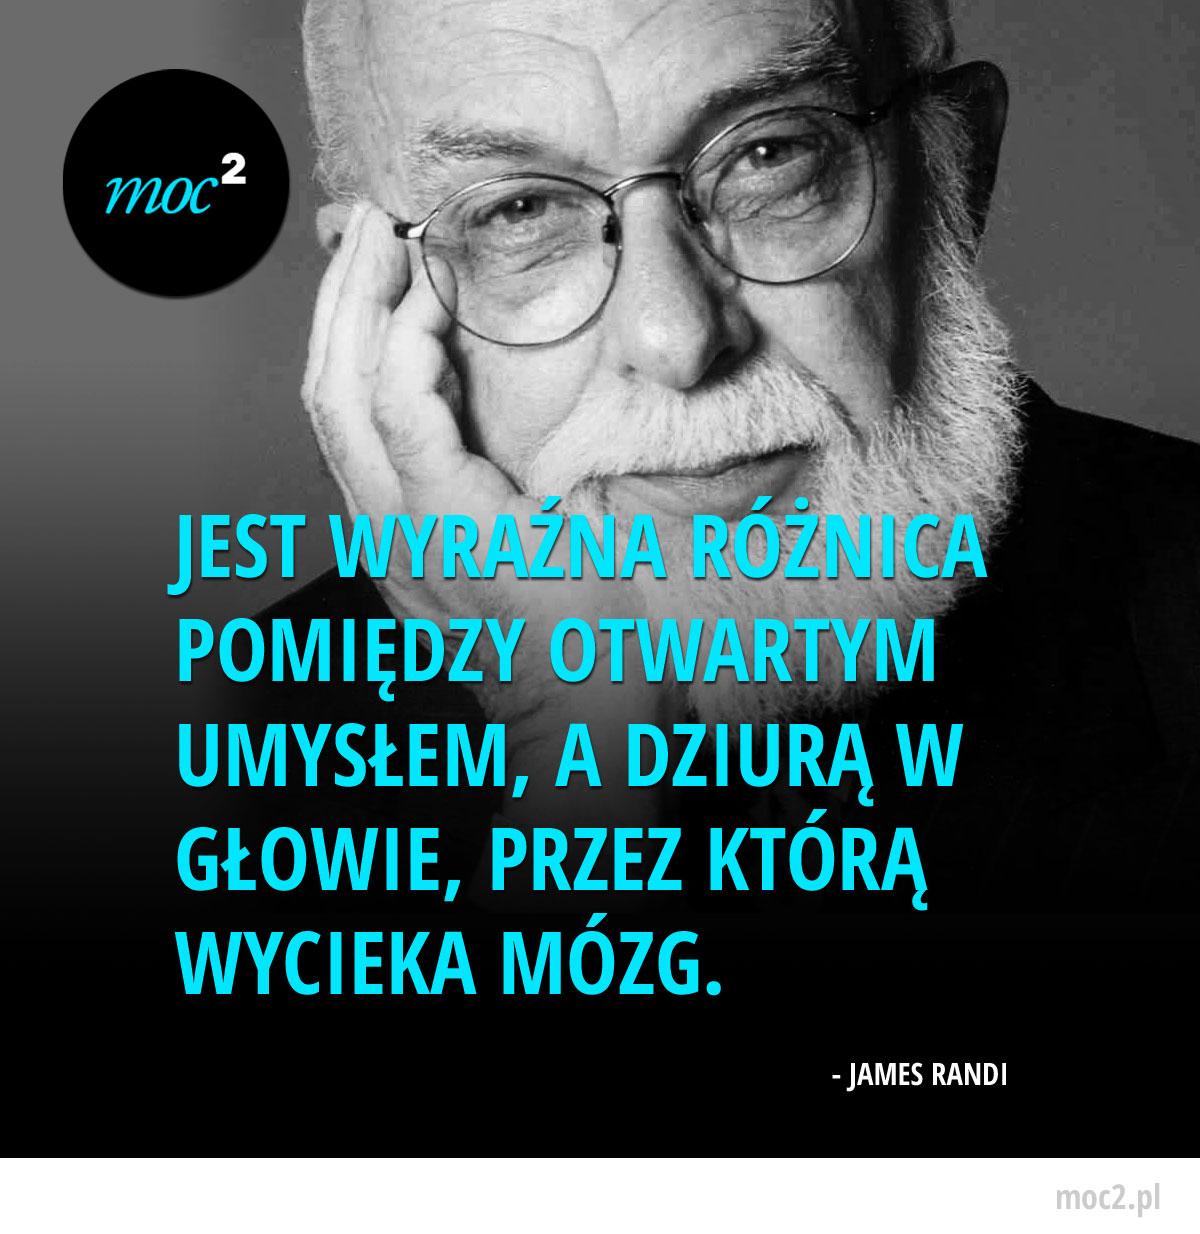 Jest wyraźna różnica pomiędzy otwartym umysłem, a dziurą w głowie, przez którą wycieka mózg. - James Randi